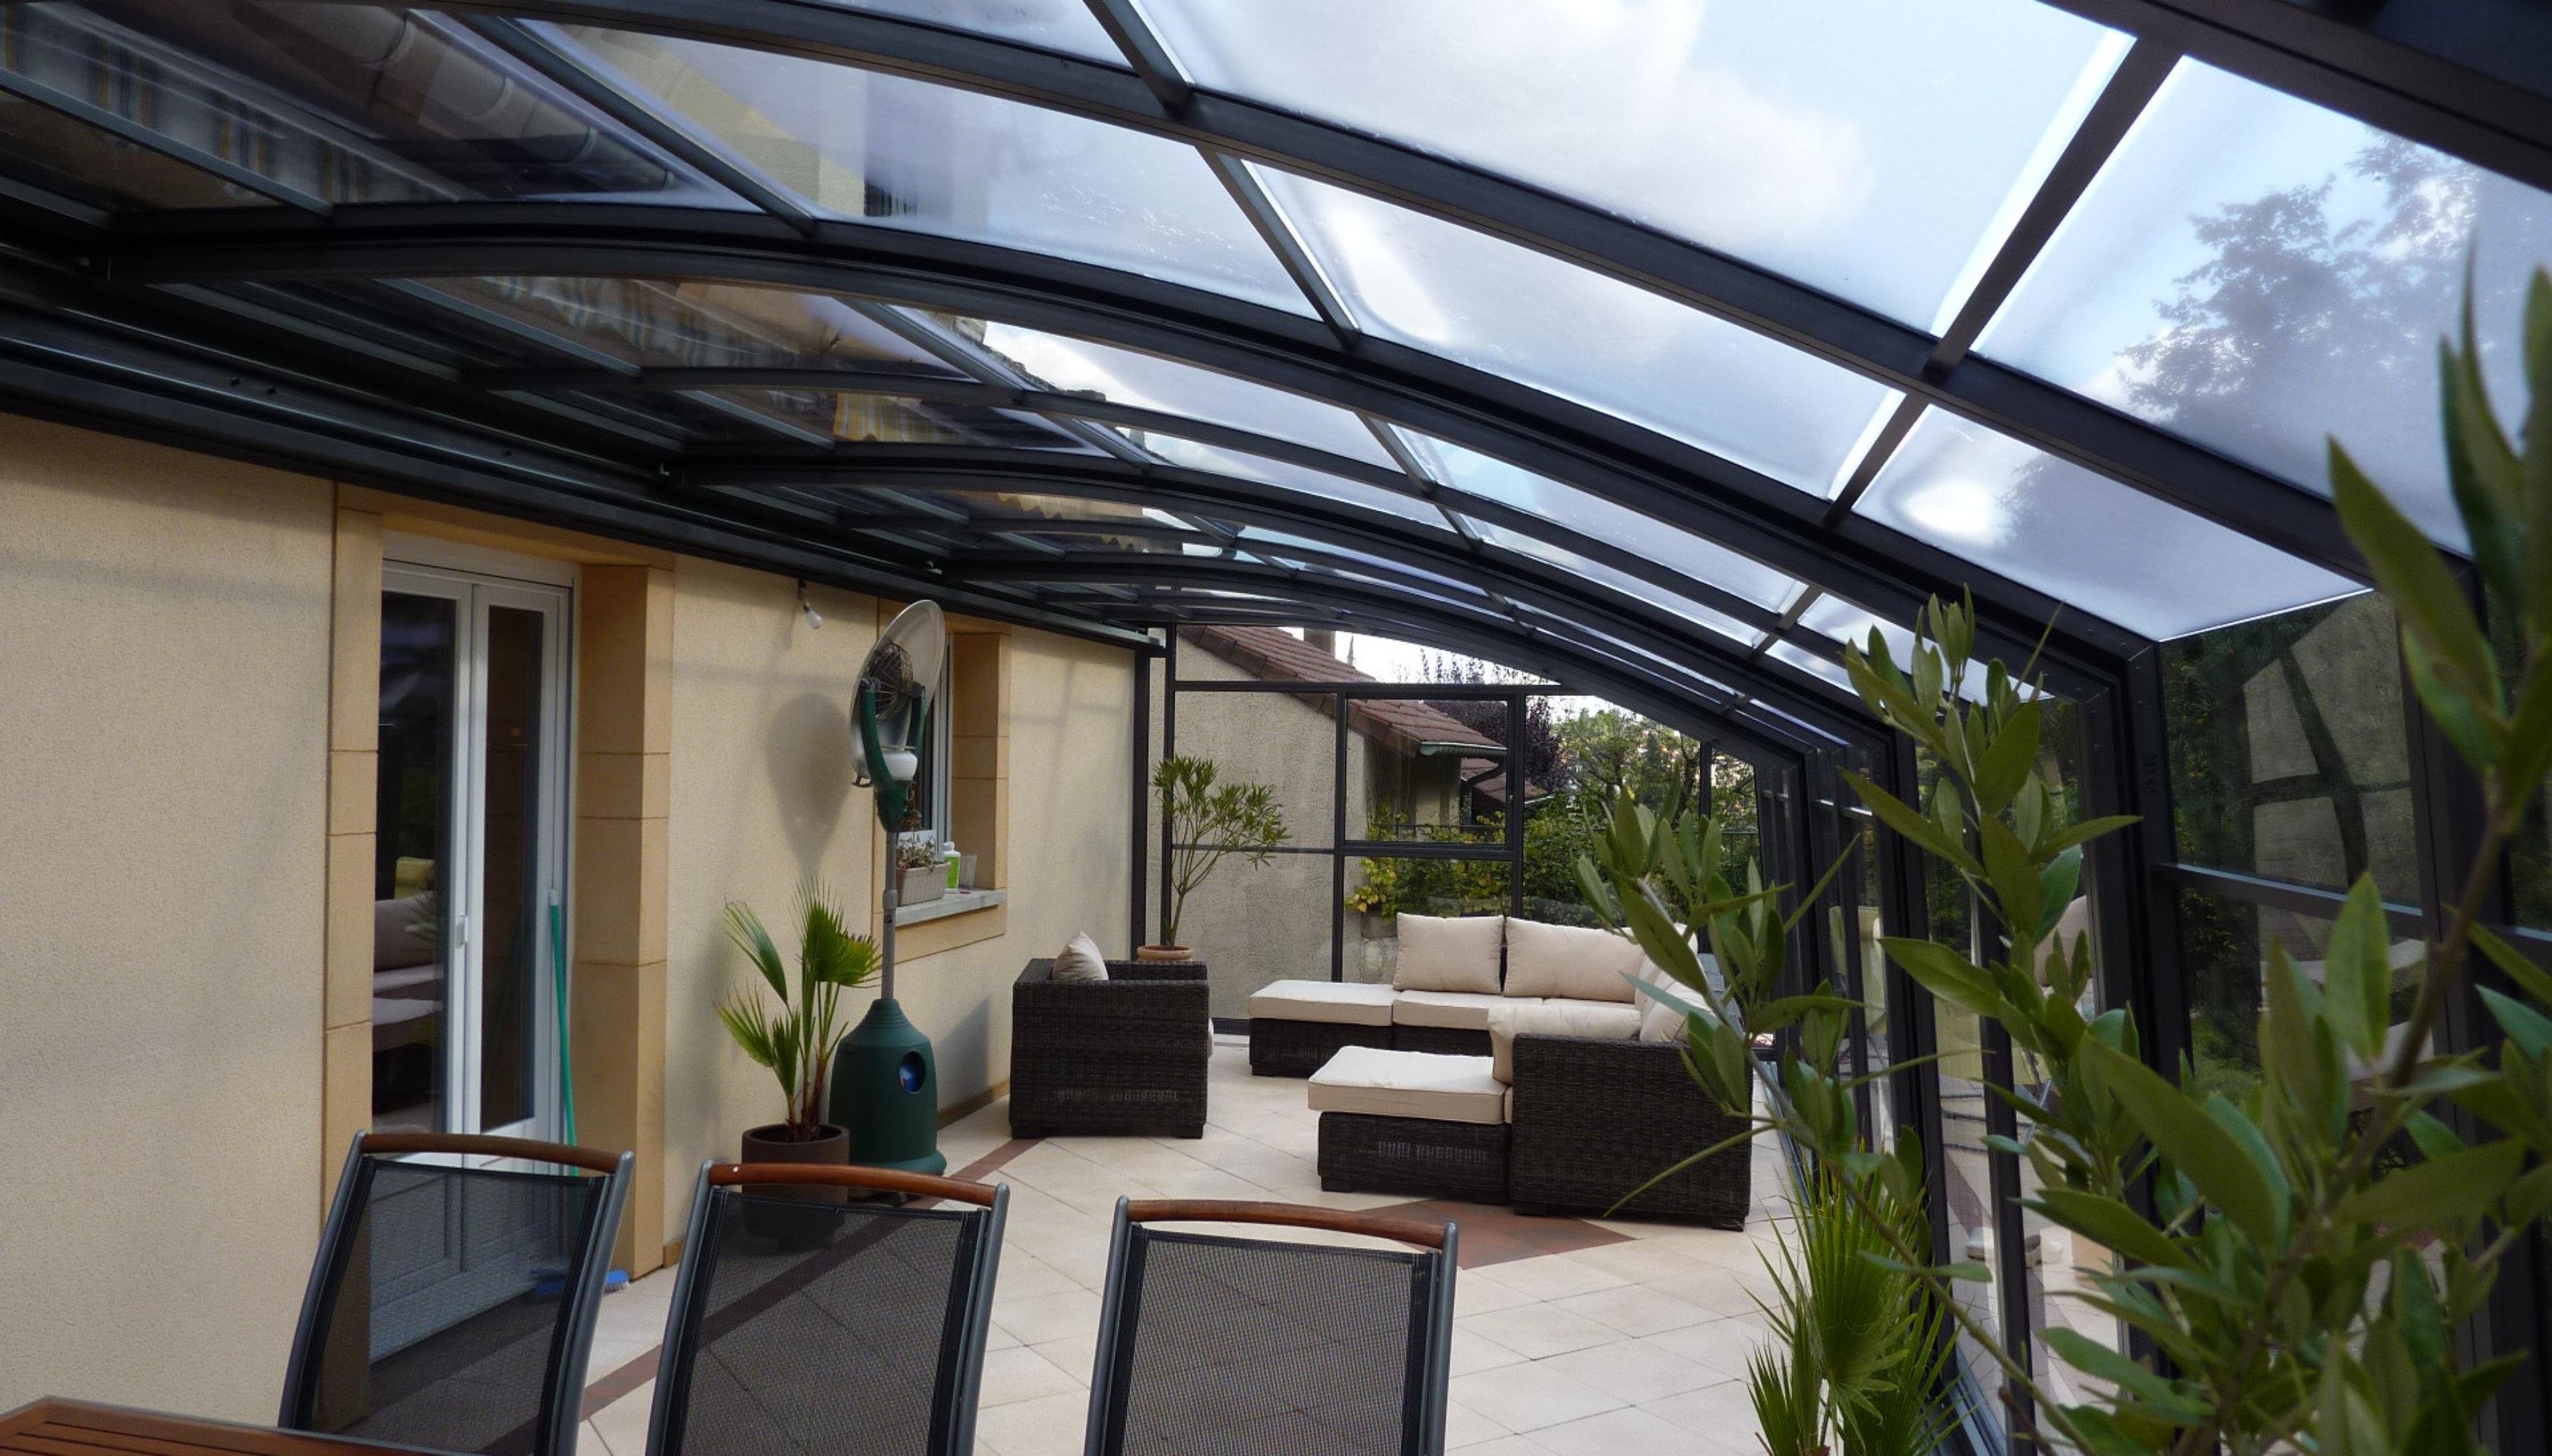 abris de terrasse best abris modulables pour terrasses de restaurant et magasin fabrication sur. Black Bedroom Furniture Sets. Home Design Ideas